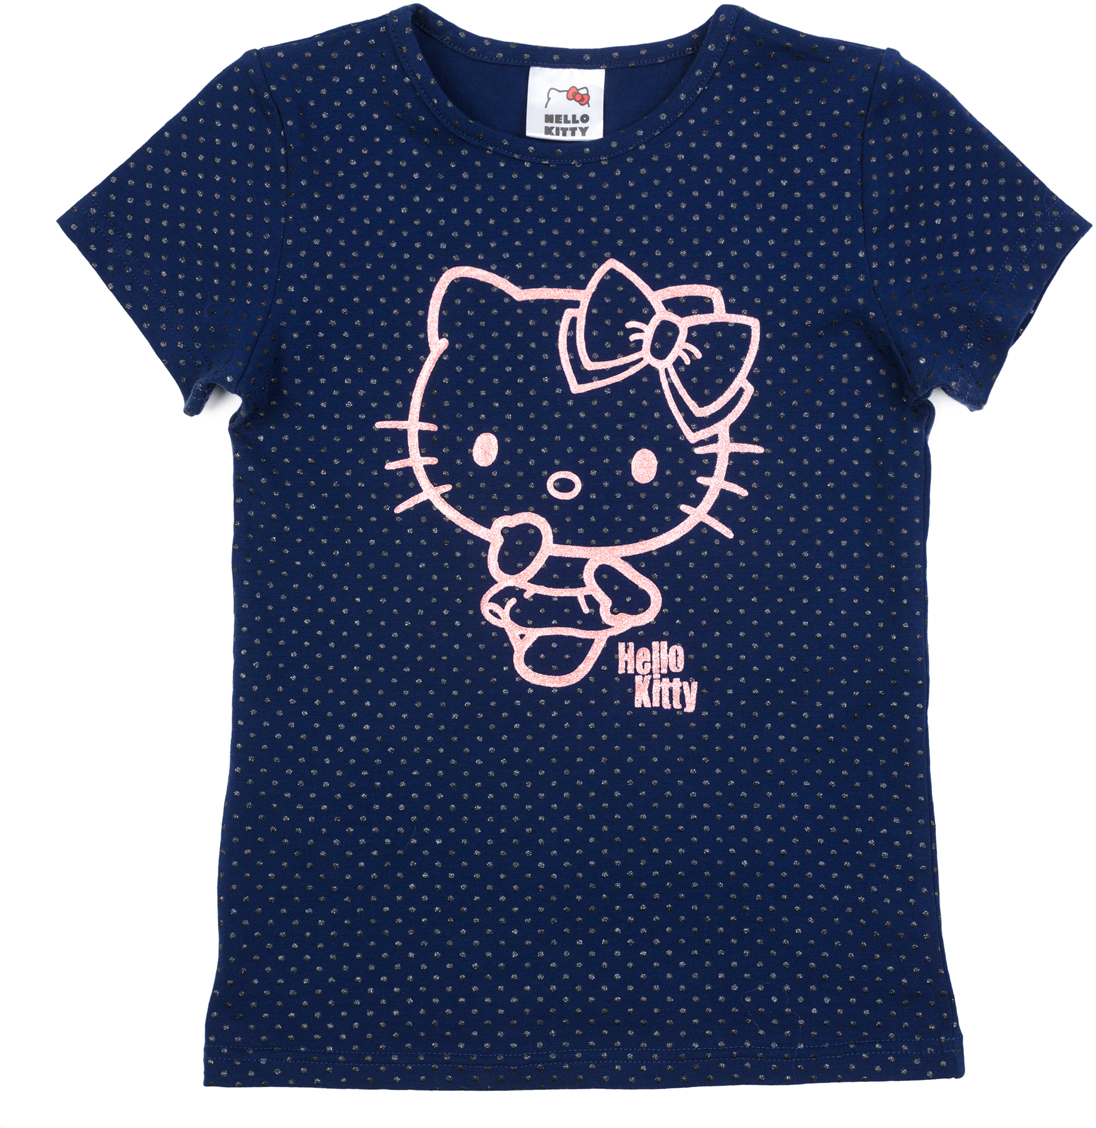 Футболка для девочки PlayToday, цвет: темно-синий, розовый, черный. 682054. Размер 116682054Футболка выполнена из натурального хлопка. Дополнена лицензированным глиттерным принтом. Свободный крой не сковывает движений ребенка.